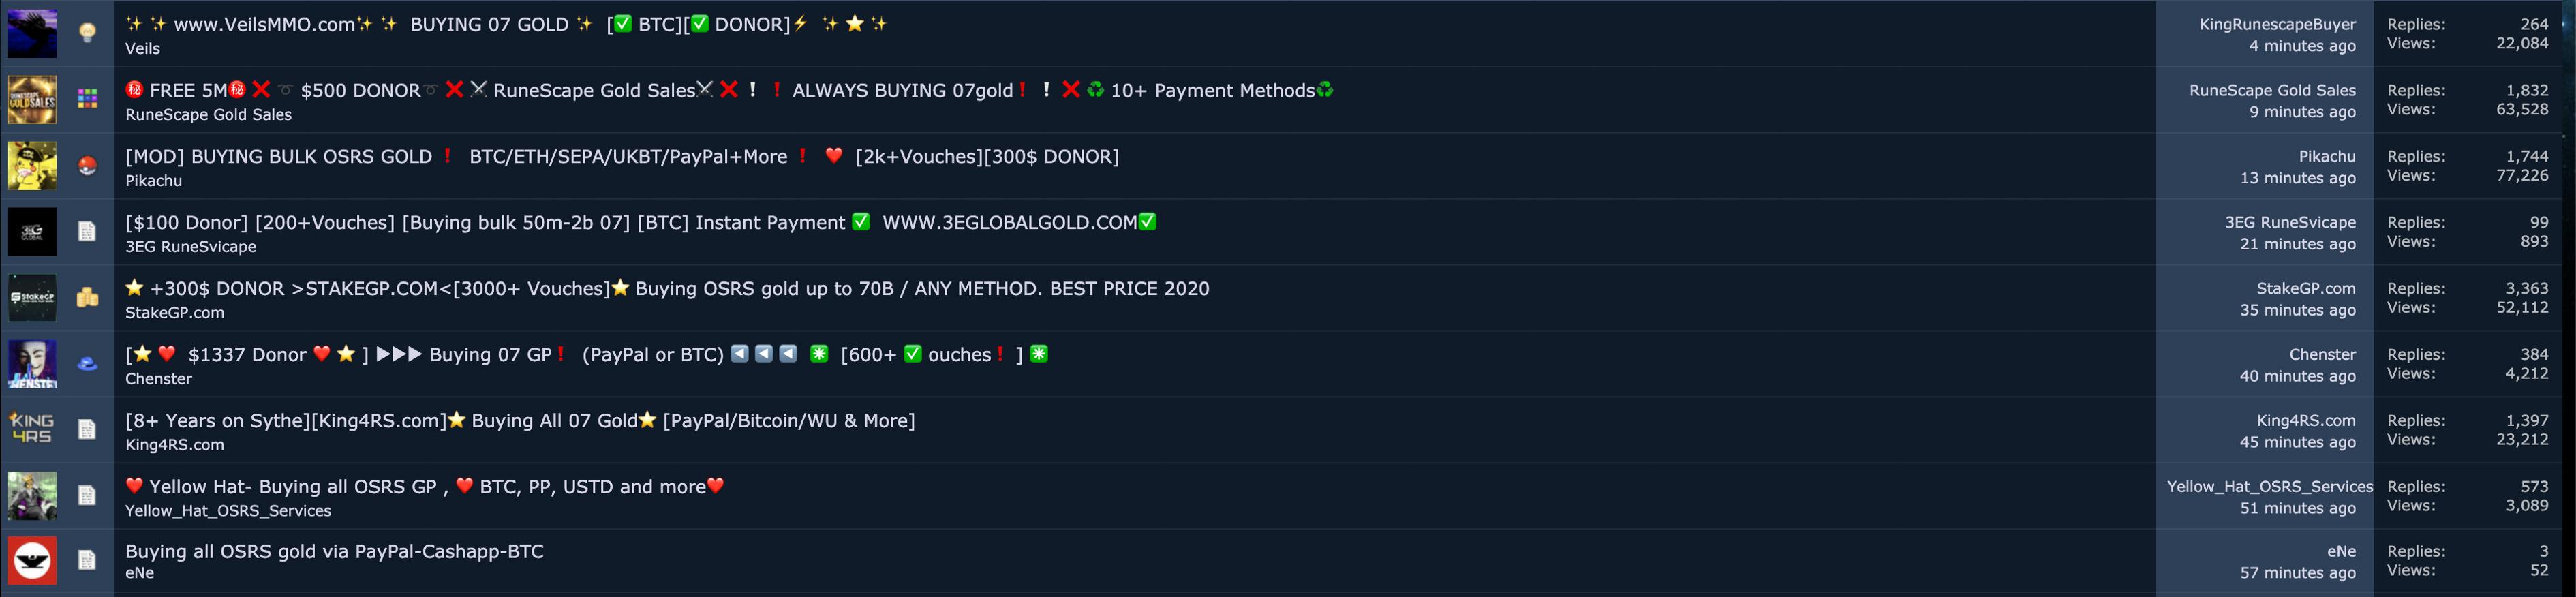 Трейдеры, продающие биткоины в обмен на золото RuneScape (Sythe.org).